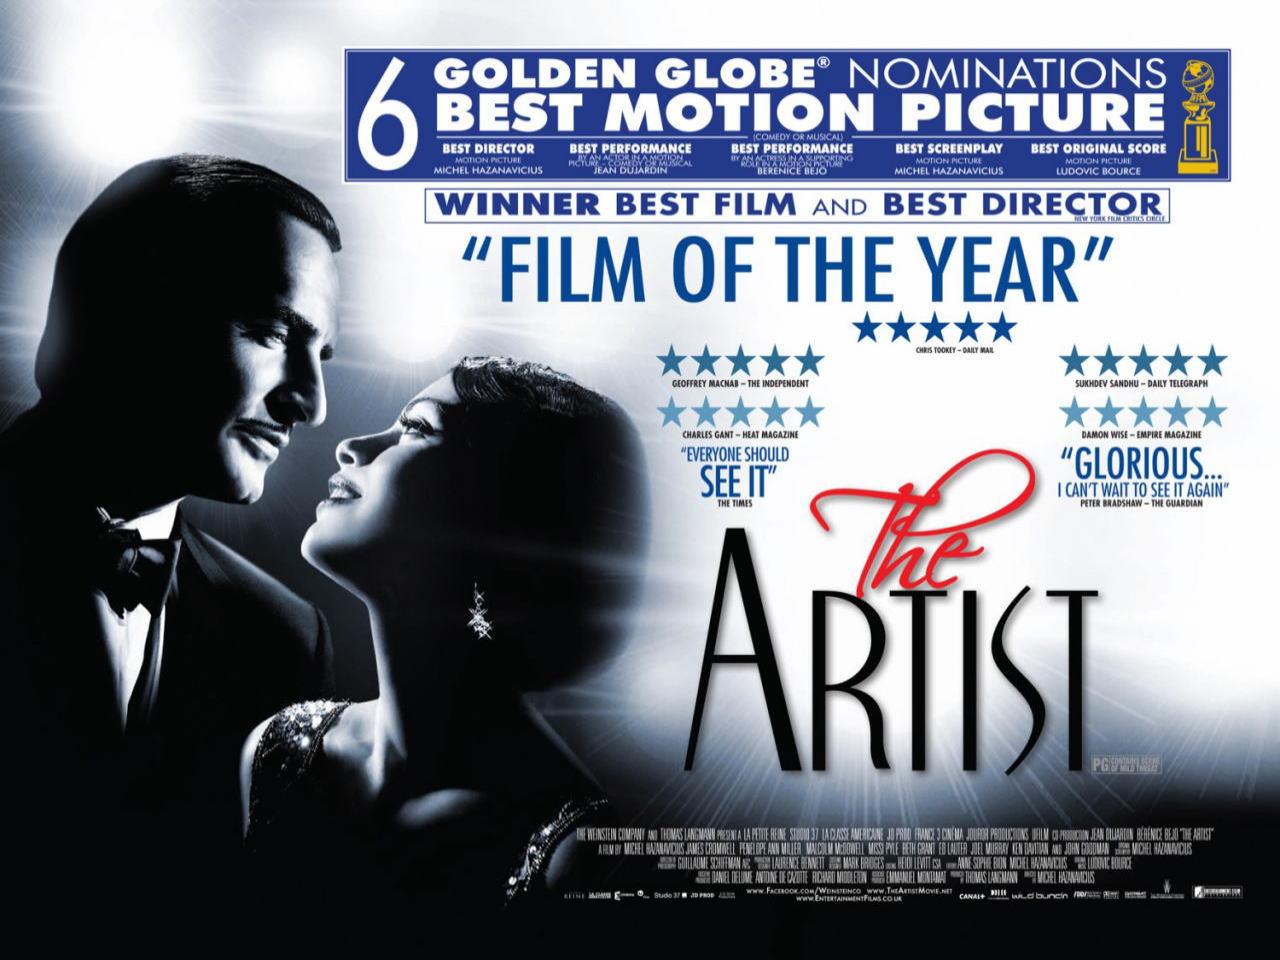 映画『アーティスト THE ARTIST』ポスター(1) ▼ポスター画像クリックで拡大します。